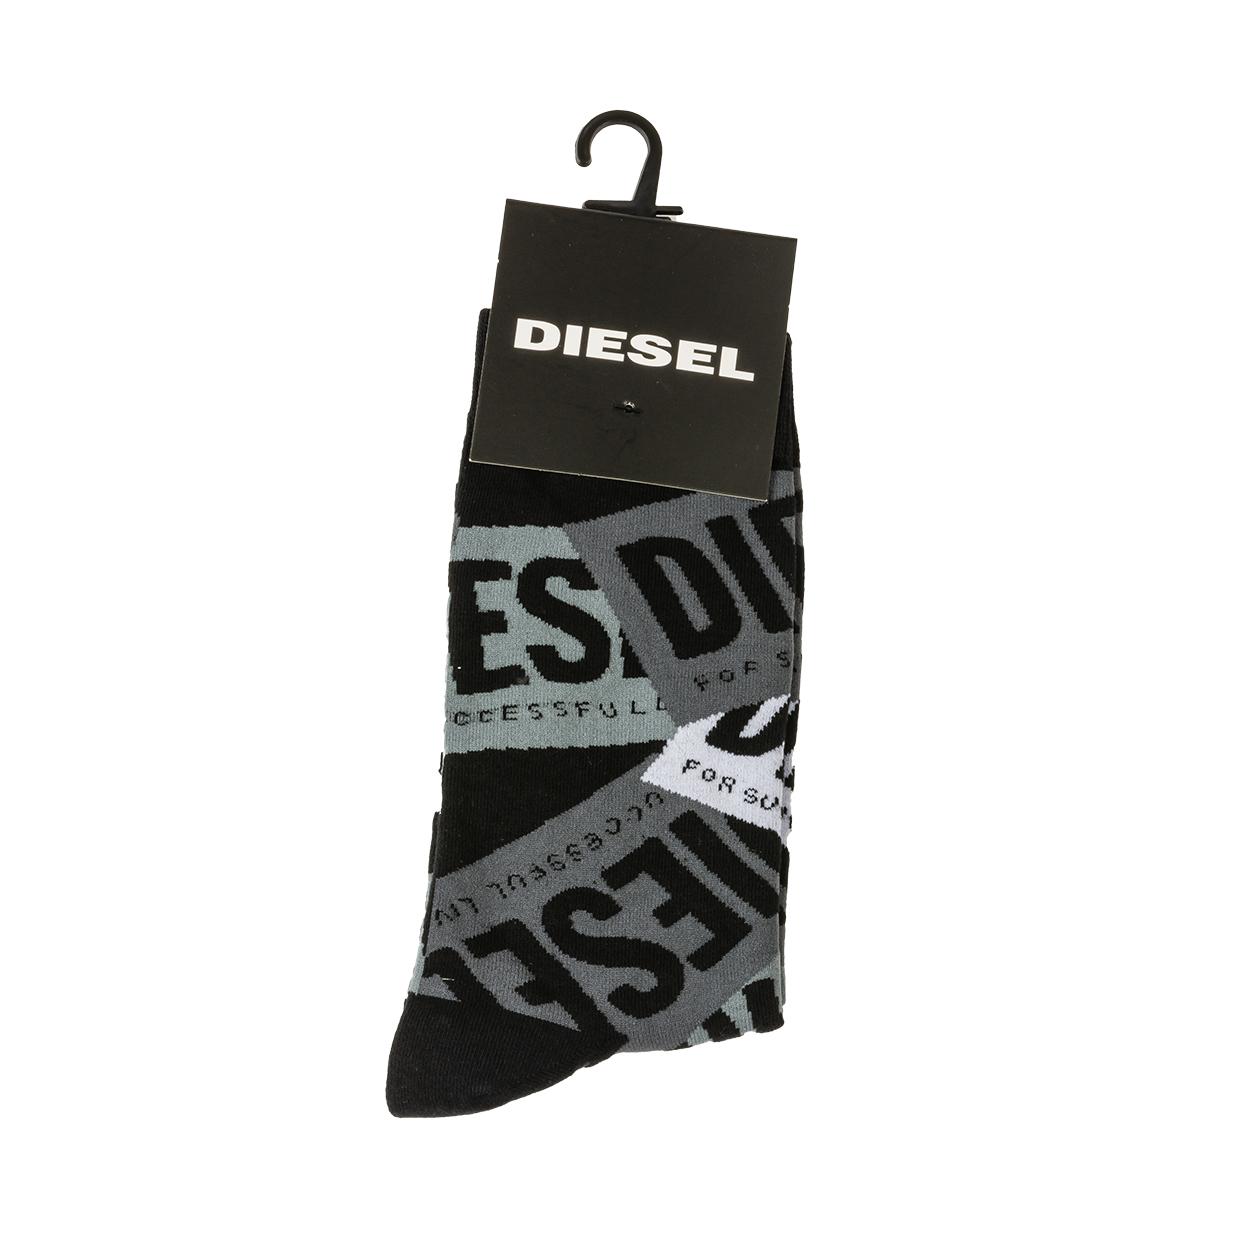 Chaussettes diesel hermine noir à motifs gris clair, gris foncé et blancs